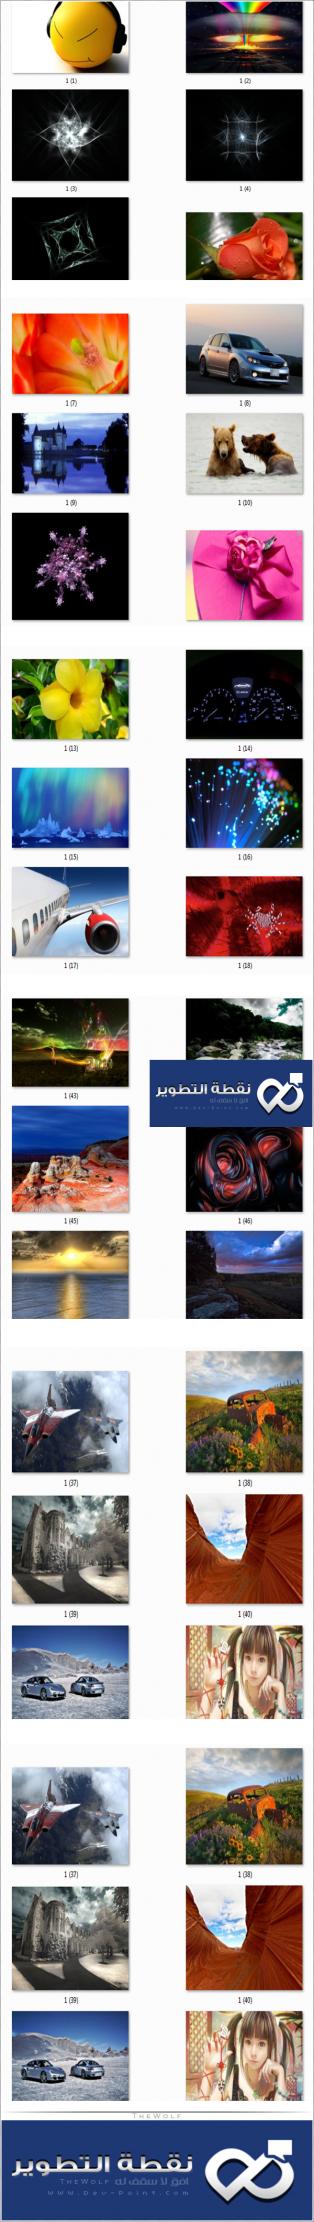 صور صور منوعة hd